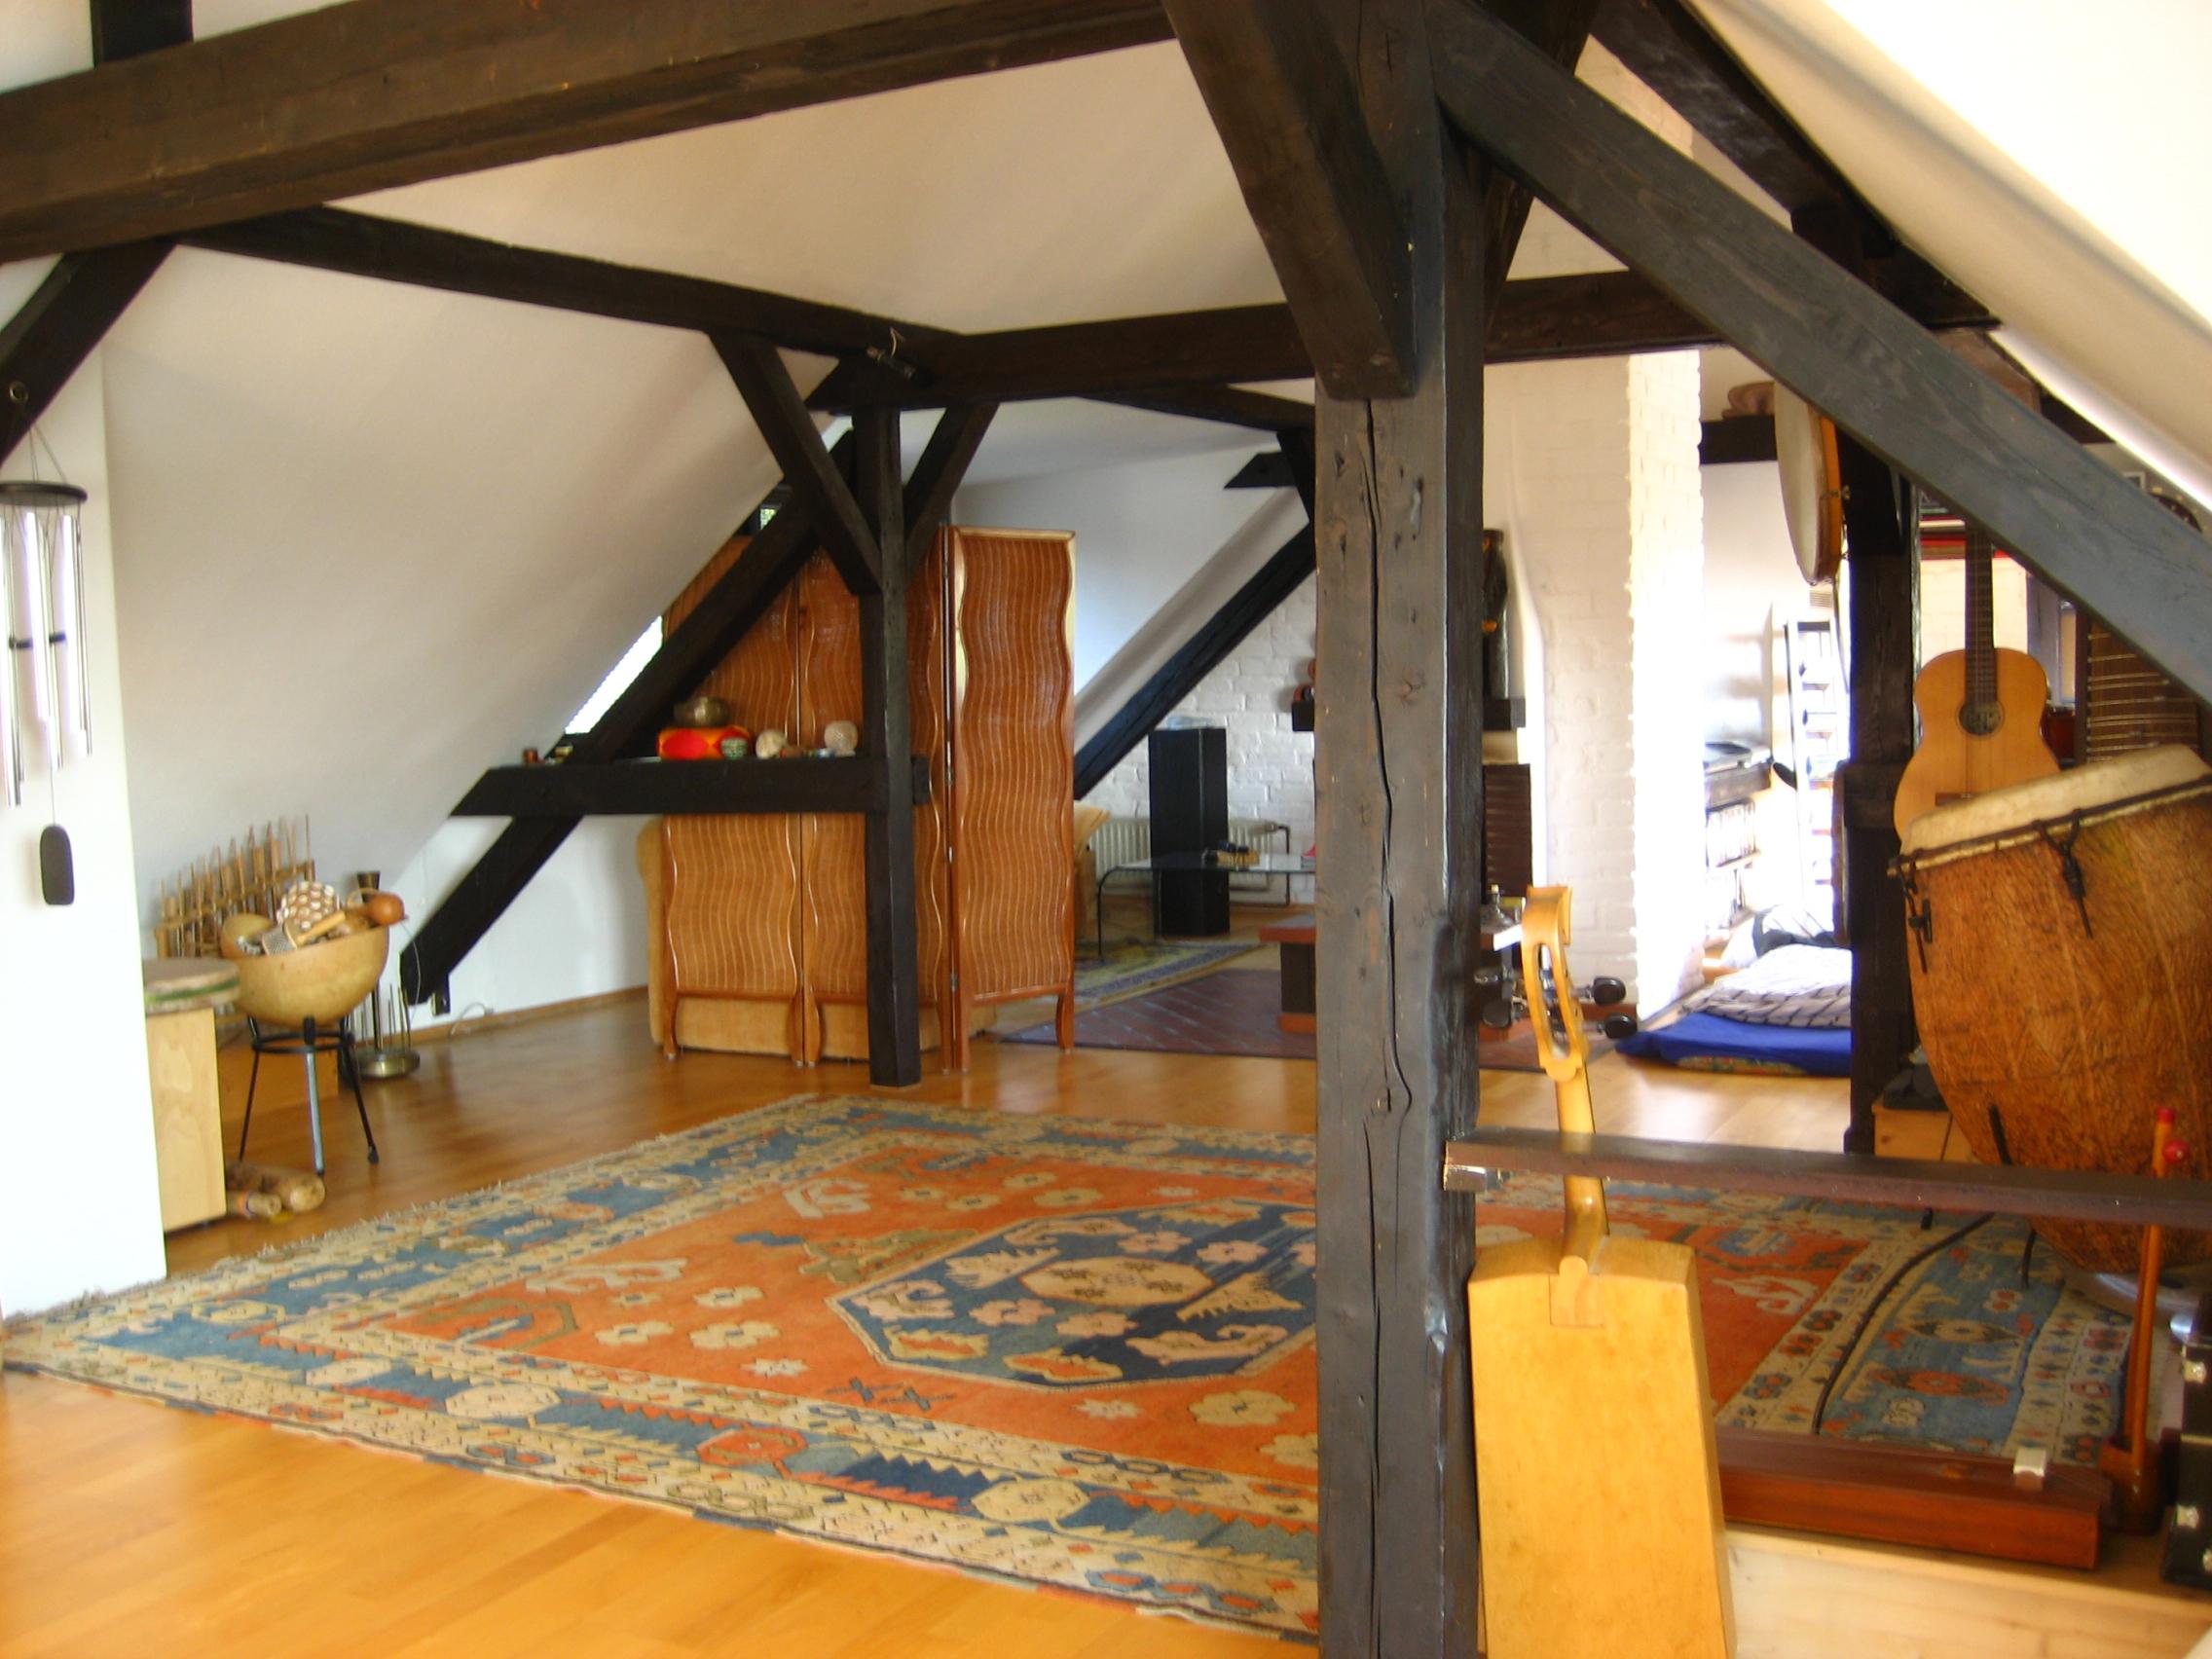 kleinanzeigen vermietungen seite 65. Black Bedroom Furniture Sets. Home Design Ideas